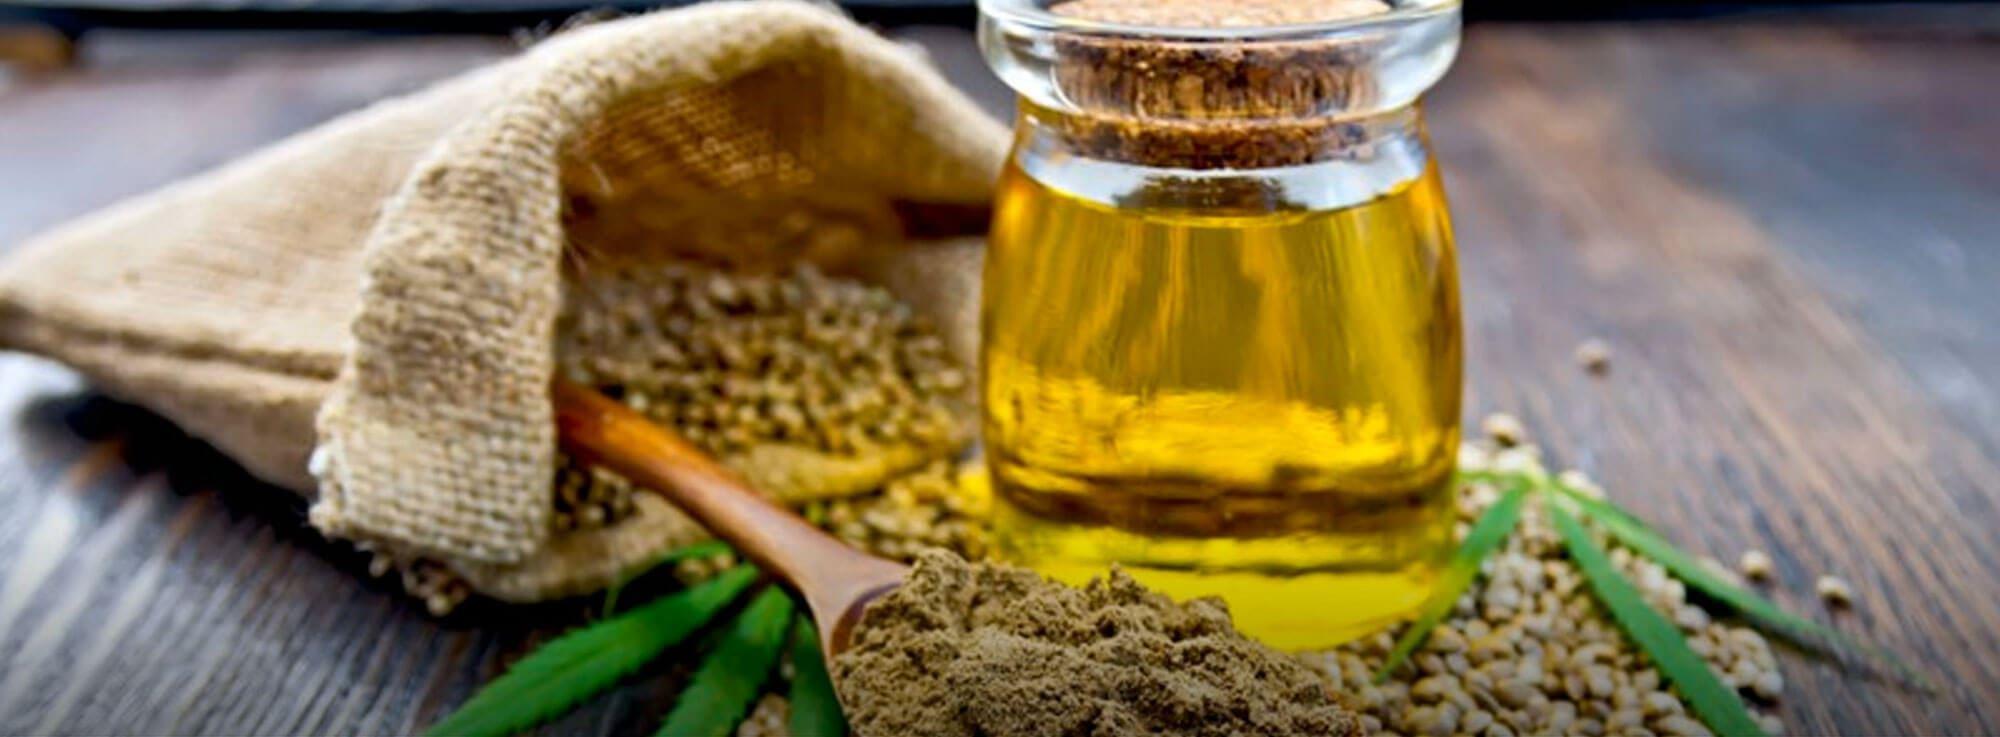 Ceglie Messapica: Festa nazionale dello Scambio dei semi